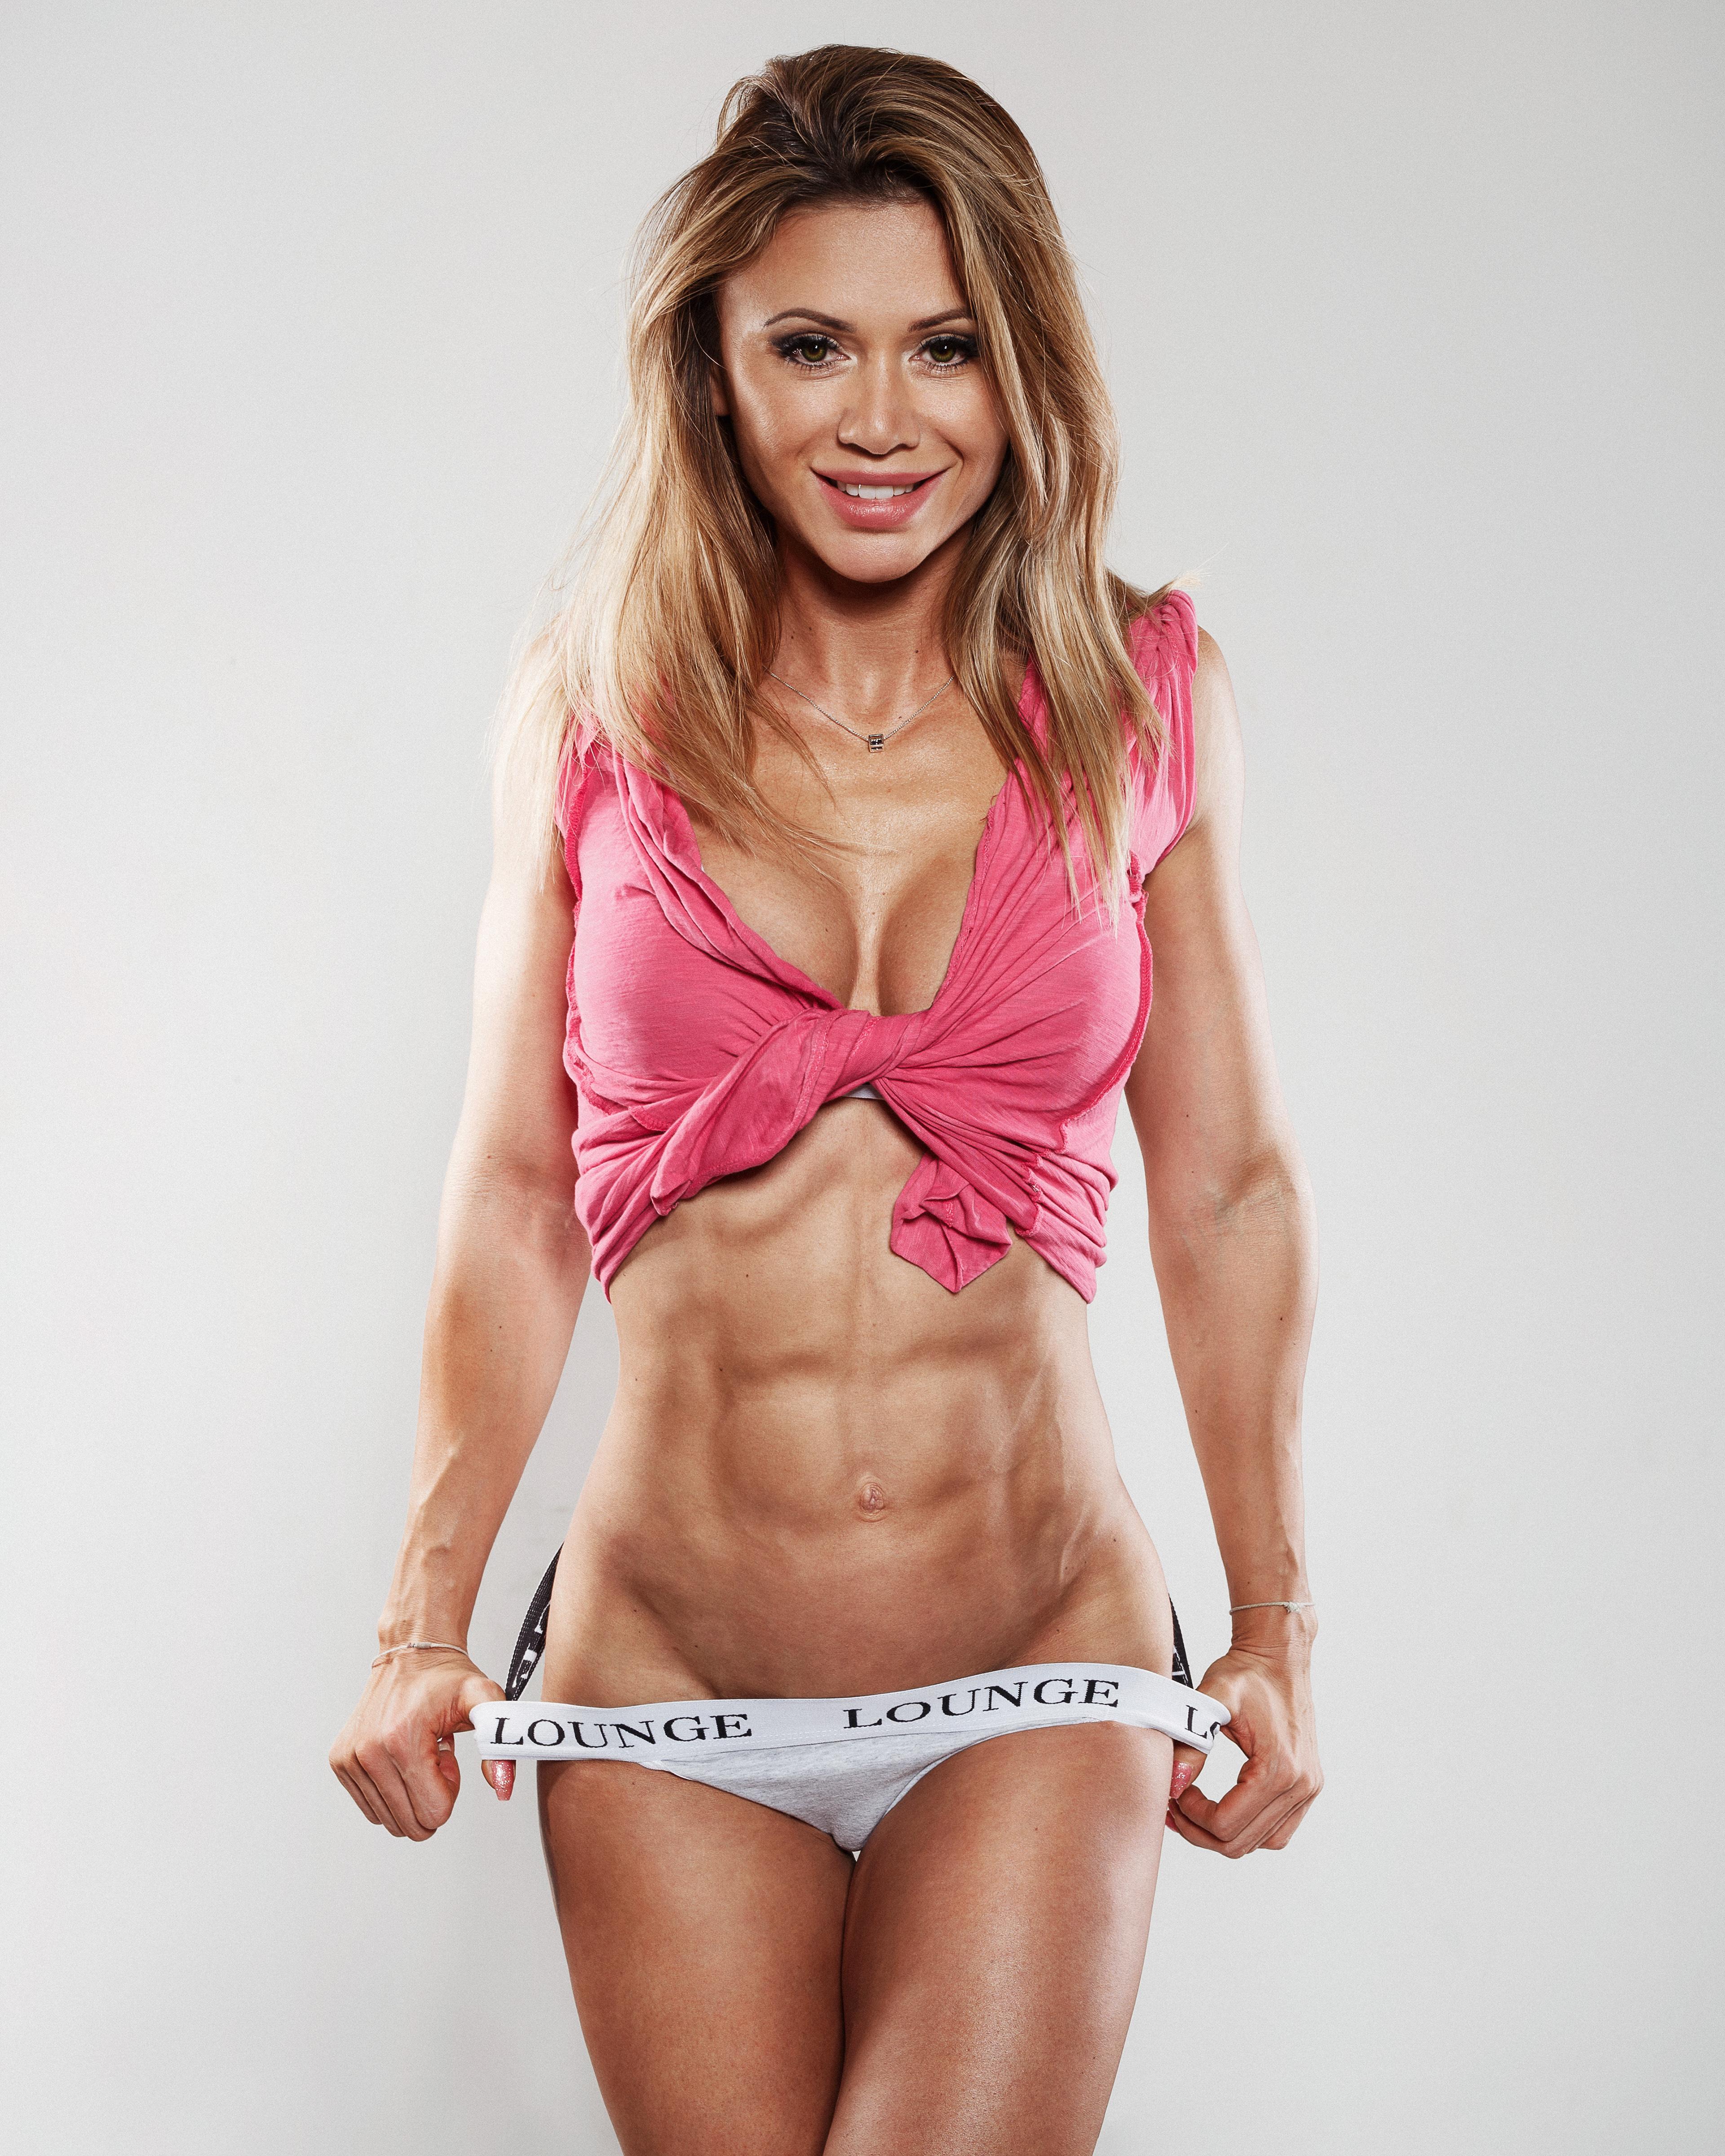 Skinny fitness model nde, gorgous blonde girls naked